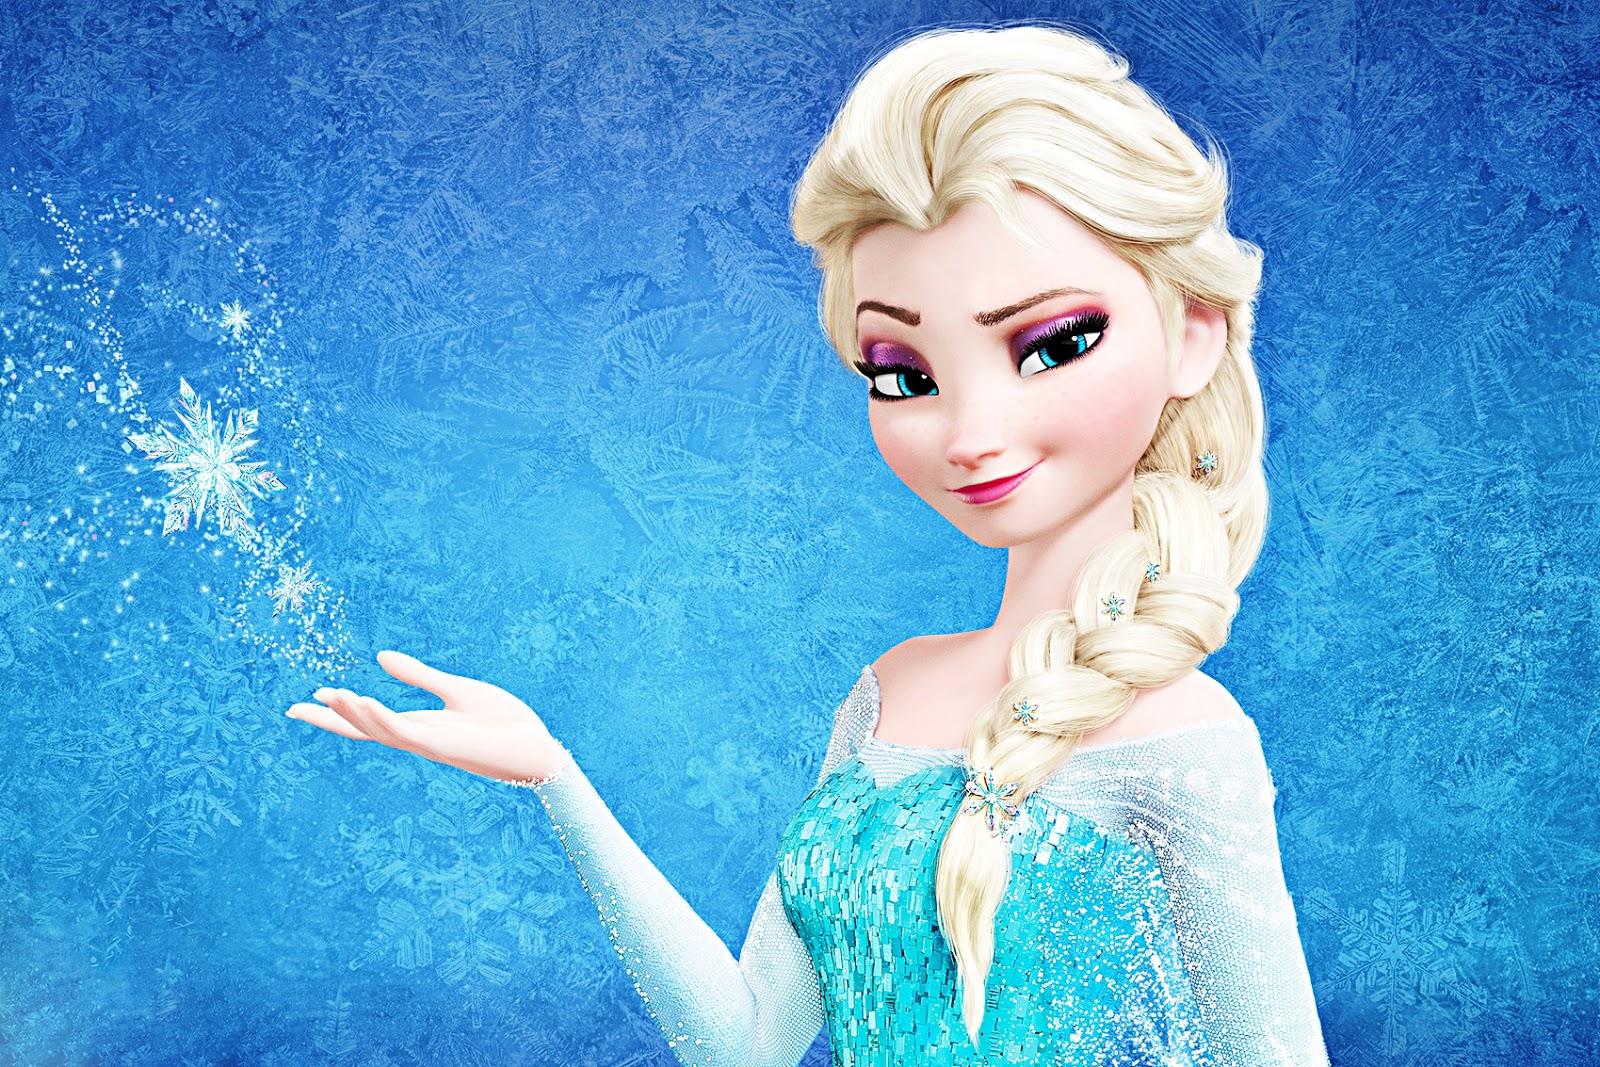 Maillalenvers accessoires disney pour photo - Elsa la reine ...